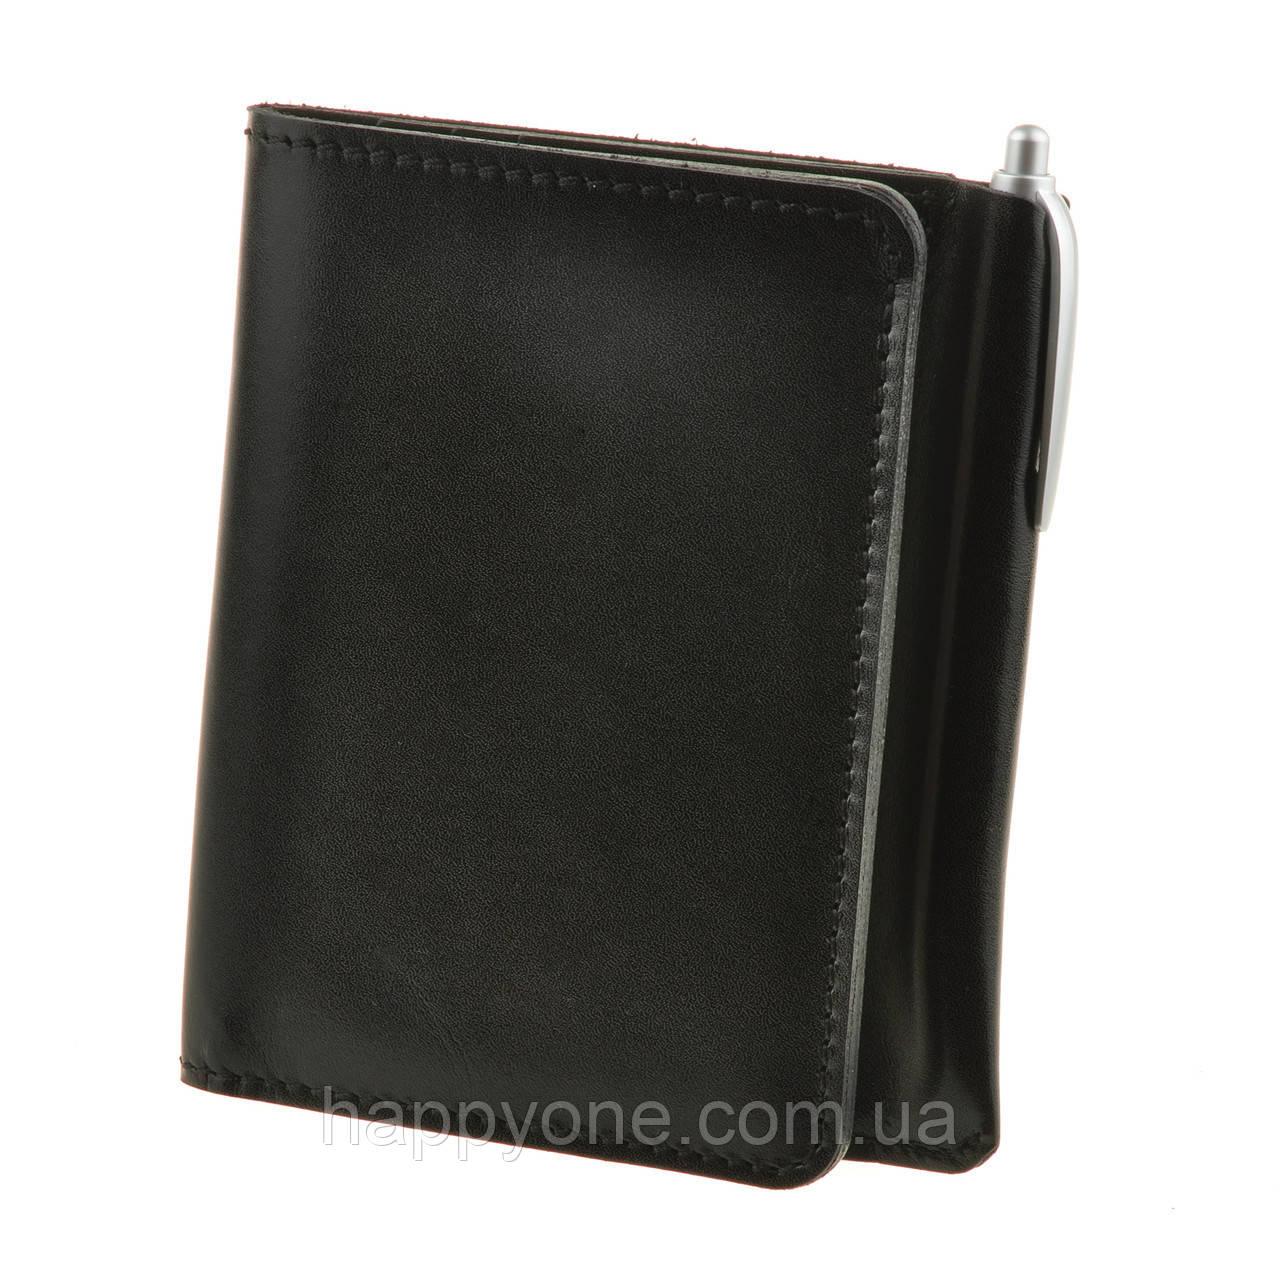 Кожаное портмоне 2.0 (угольно-черное)